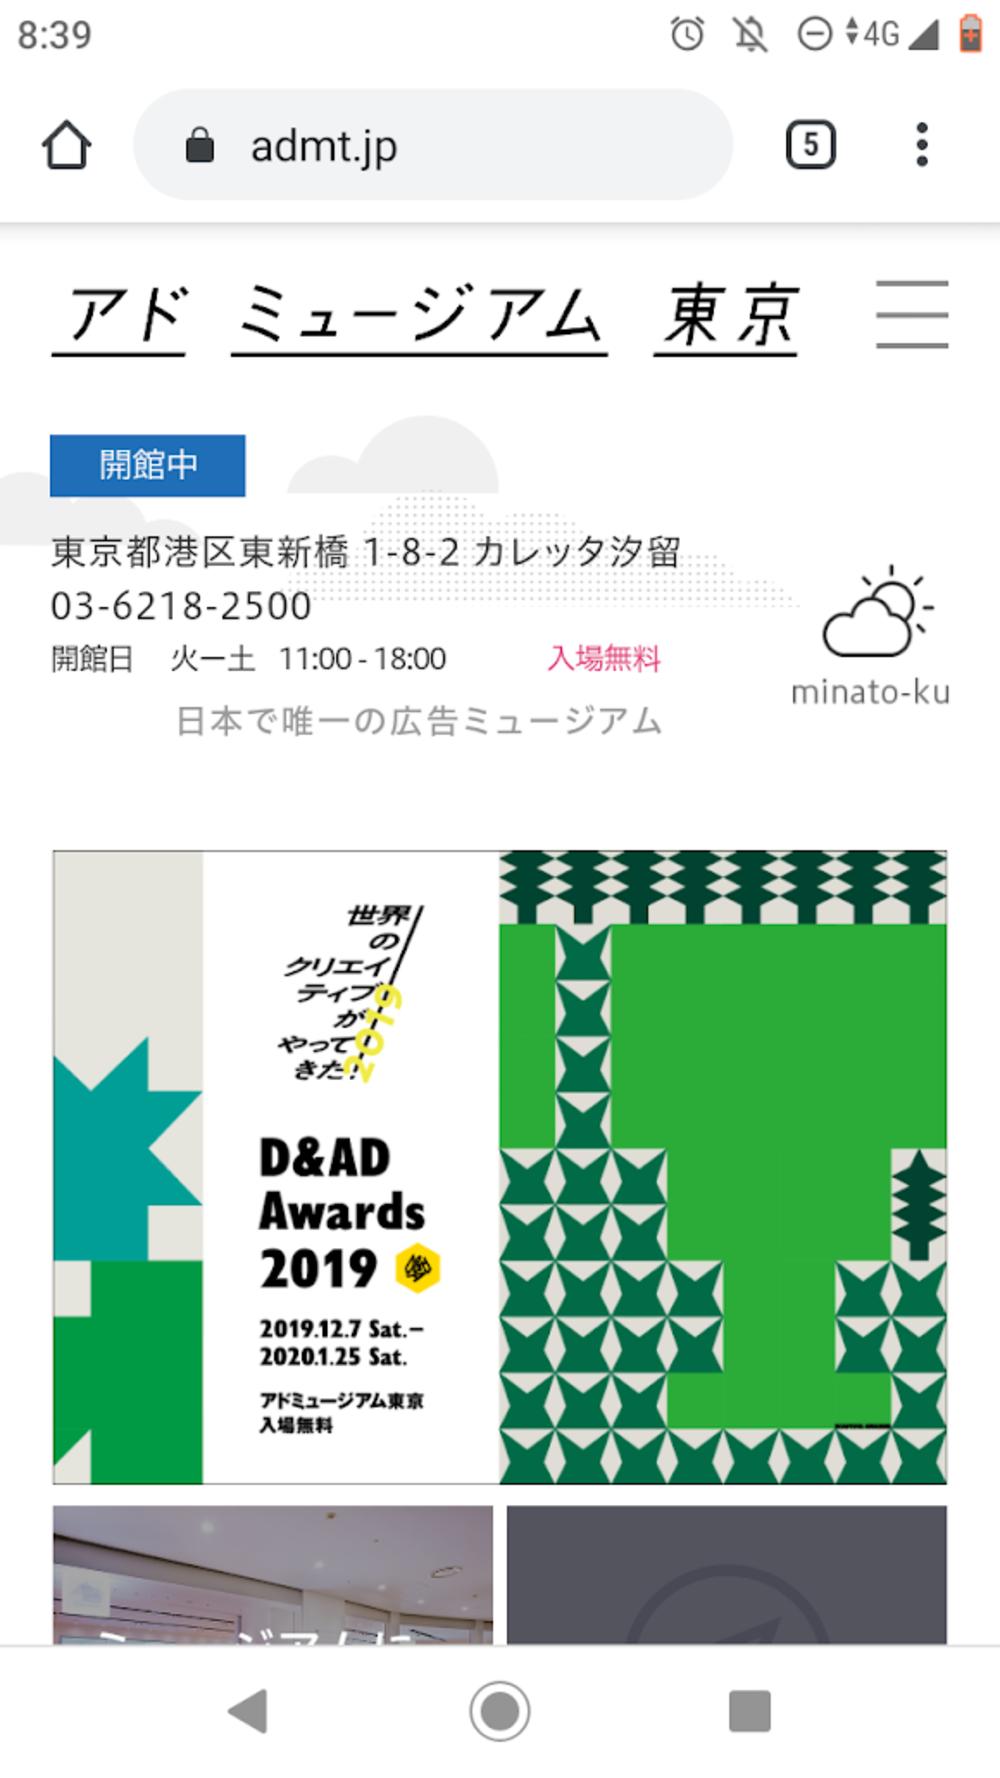 (中止)活動20 アド・ミュージアム東京(新聞)〜広告文化について知る〜